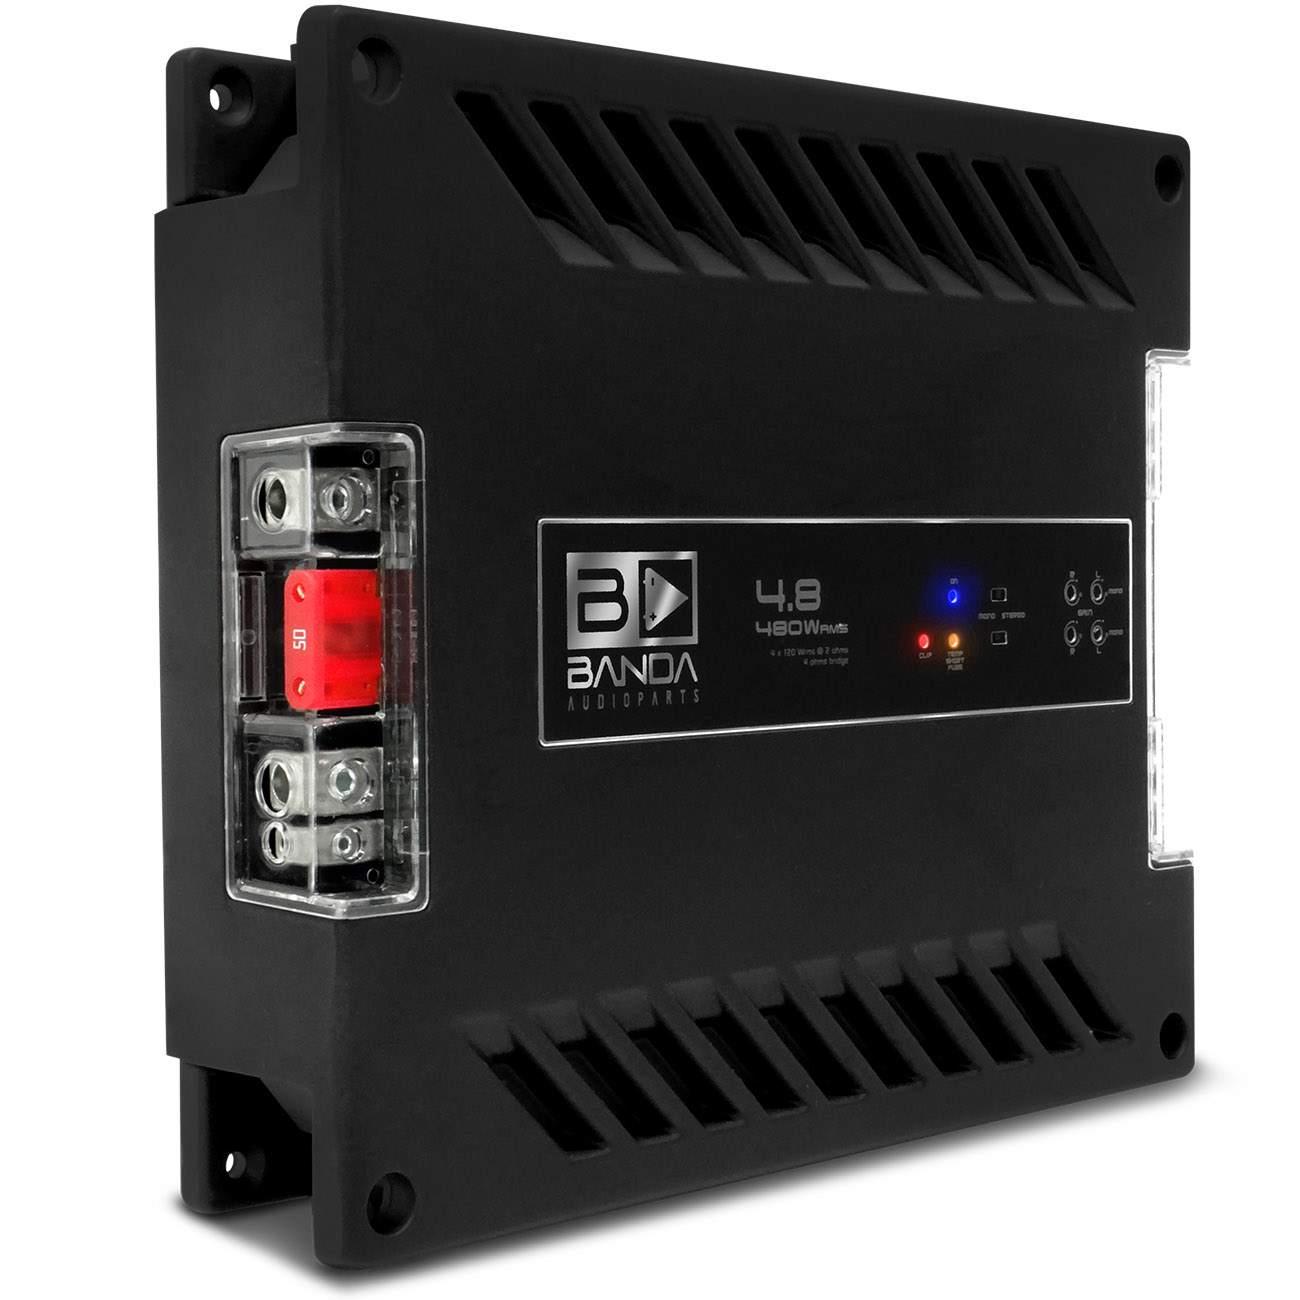 Módulo Amplificador Banda Voxer 4.8 480W RMS 4 canais 2 Ohms